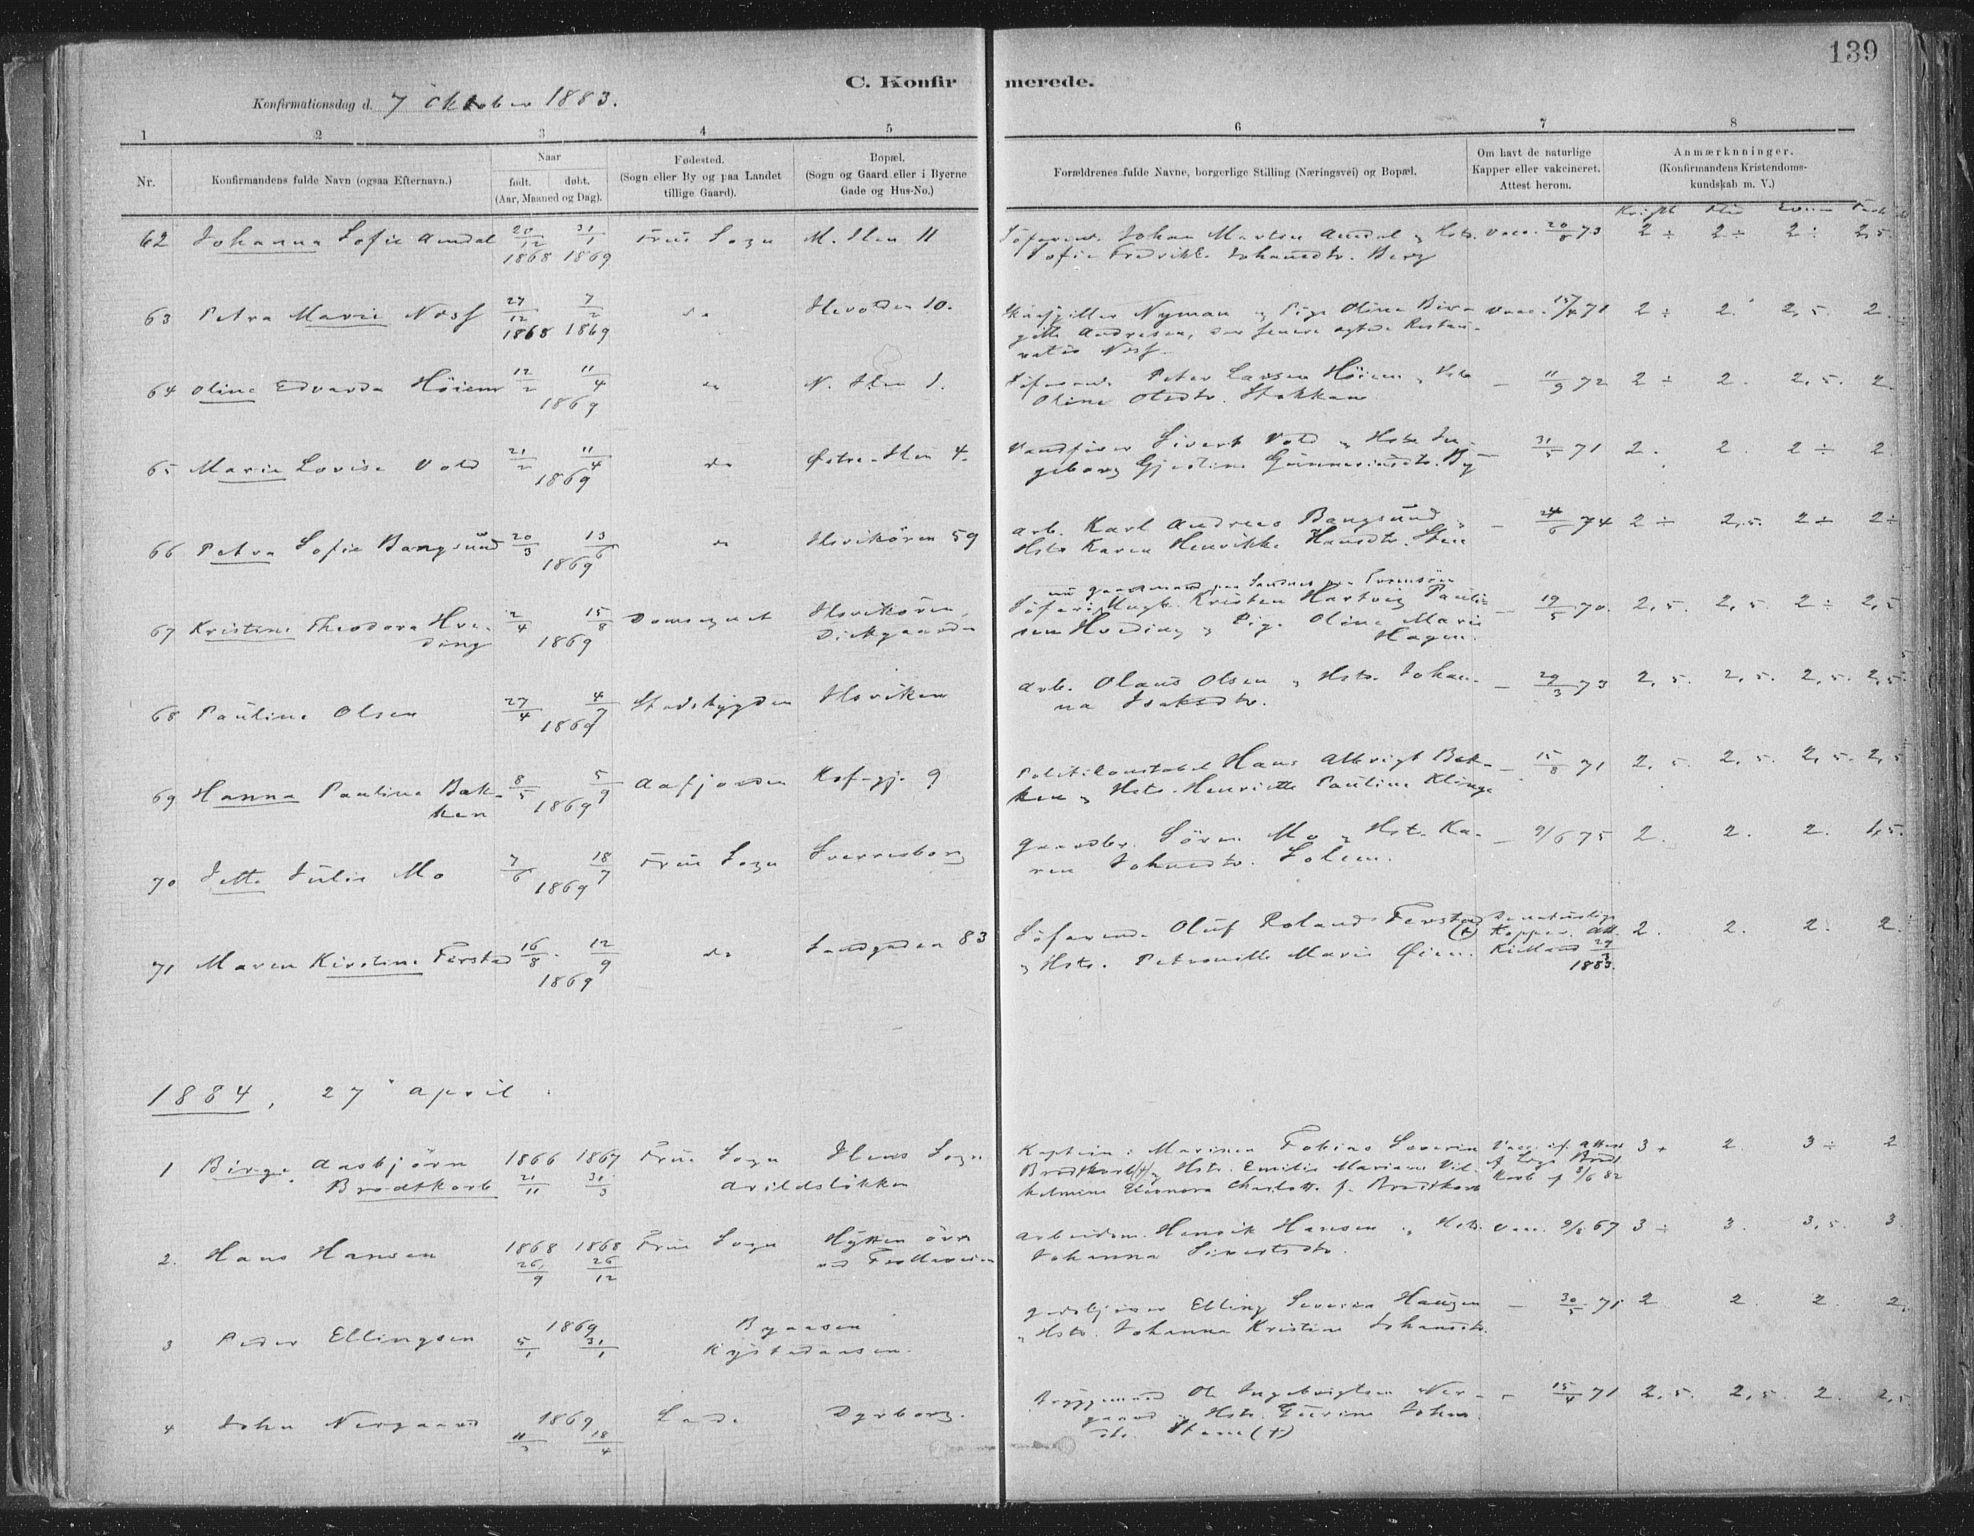 SAT, Ministerialprotokoller, klokkerbøker og fødselsregistre - Sør-Trøndelag, 603/L0162: Ministerialbok nr. 603A01, 1879-1895, s. 139